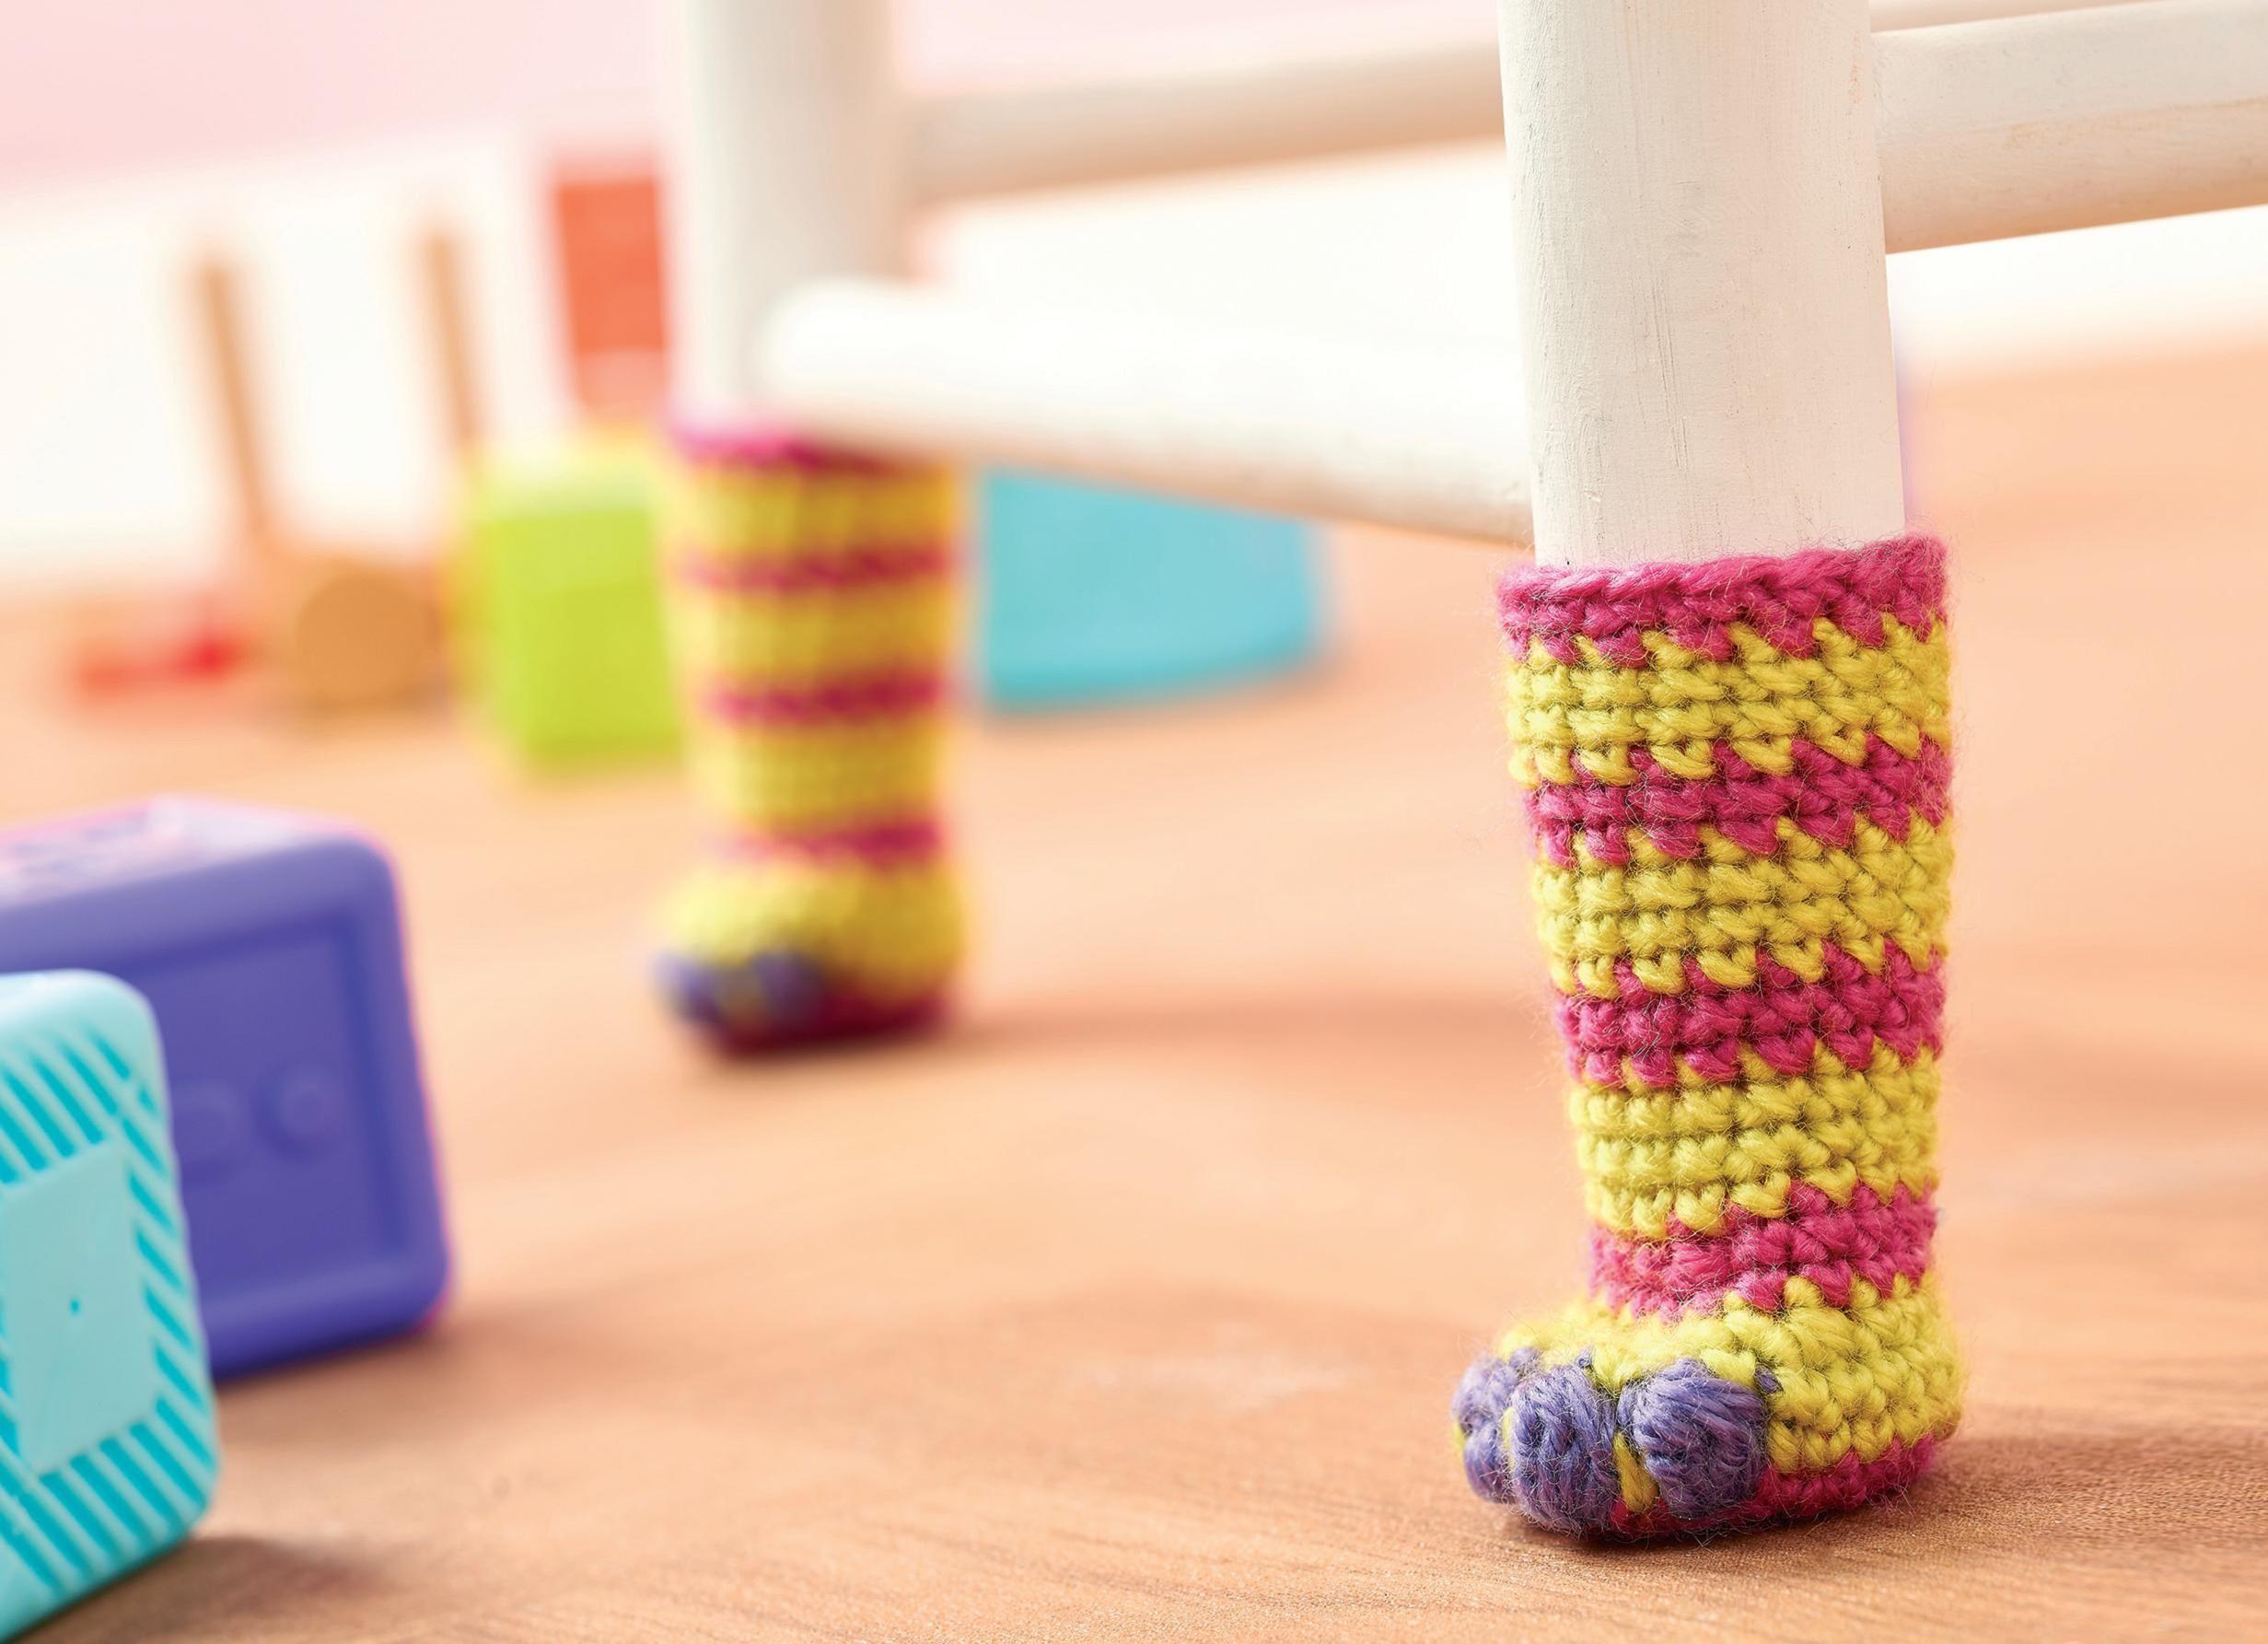 Chair Socks Crochet Pattern | Crochet | Pinterest | Chair socks ...